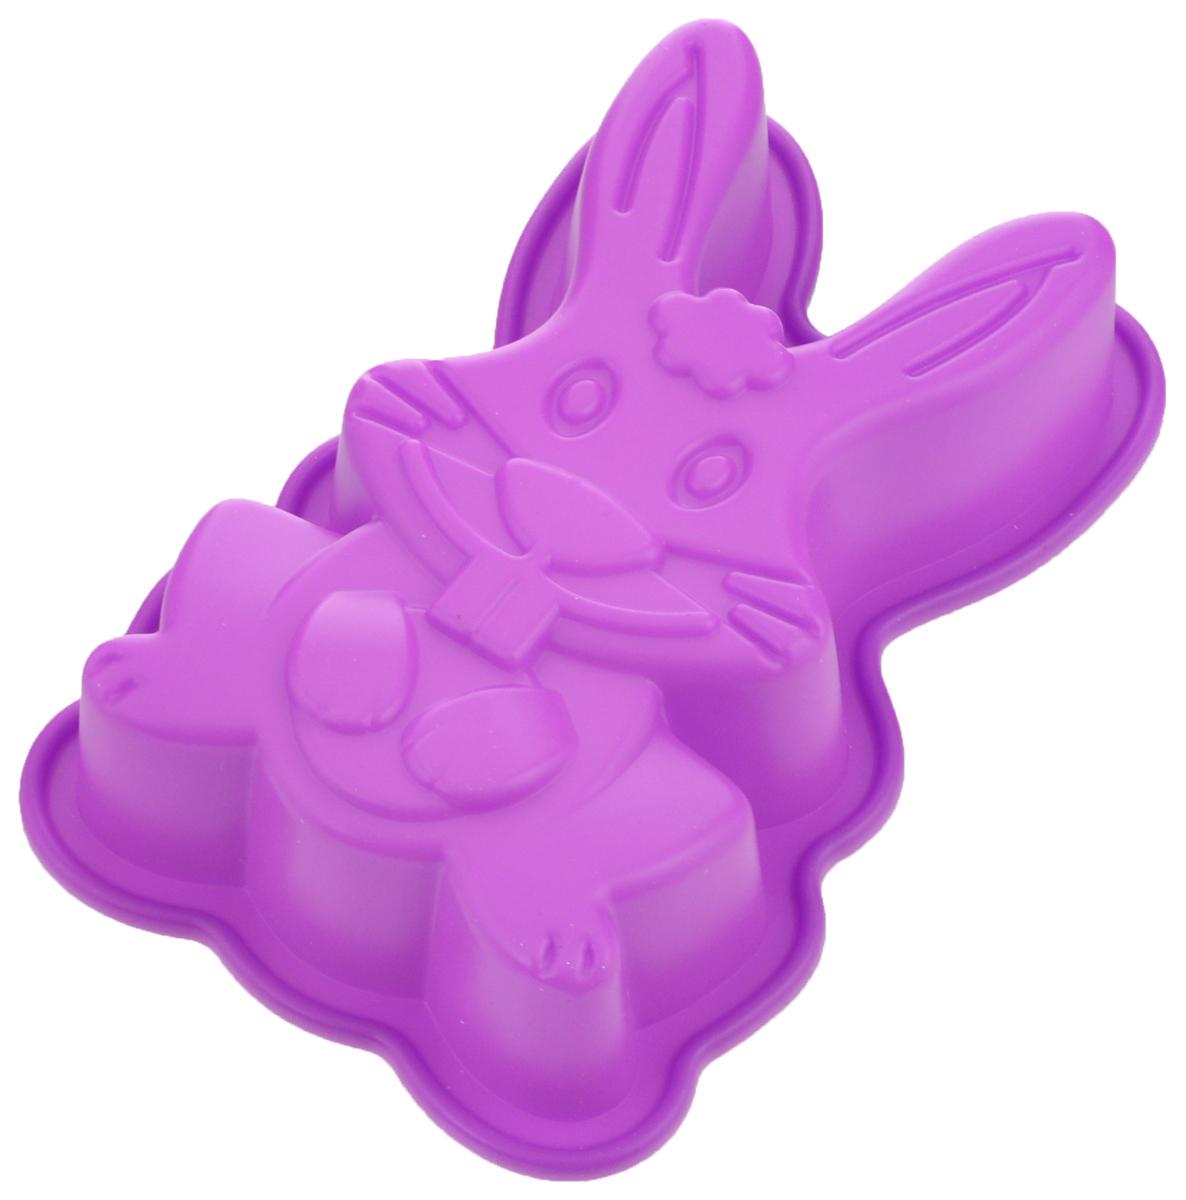 Форма для выпечки Mayer & Boch Заяц, цвет: фиолетовый, 13 х 19 см24616_фиолетовыйФорма Mayer & Boch Заяц выполнена из силикона и предназначена для изготовления выпечки, желе или льда. Оригинальный способ подачи изделий не оставит равнодушным родных и друзей. Форма выдерживает от -40°С до +230°С. Она эластична, износостойка, легко моется, не горит и не тлеет, не впитывает запахи, не оставляет пятен. Силикон абсолютно безвреден для здоровья. Можно мыть в посудомоечной машине. Внешние размеры формы: 13 х 19 х 4 см. Внутренние размеры формы: 11 х 17 х 3,5 см.